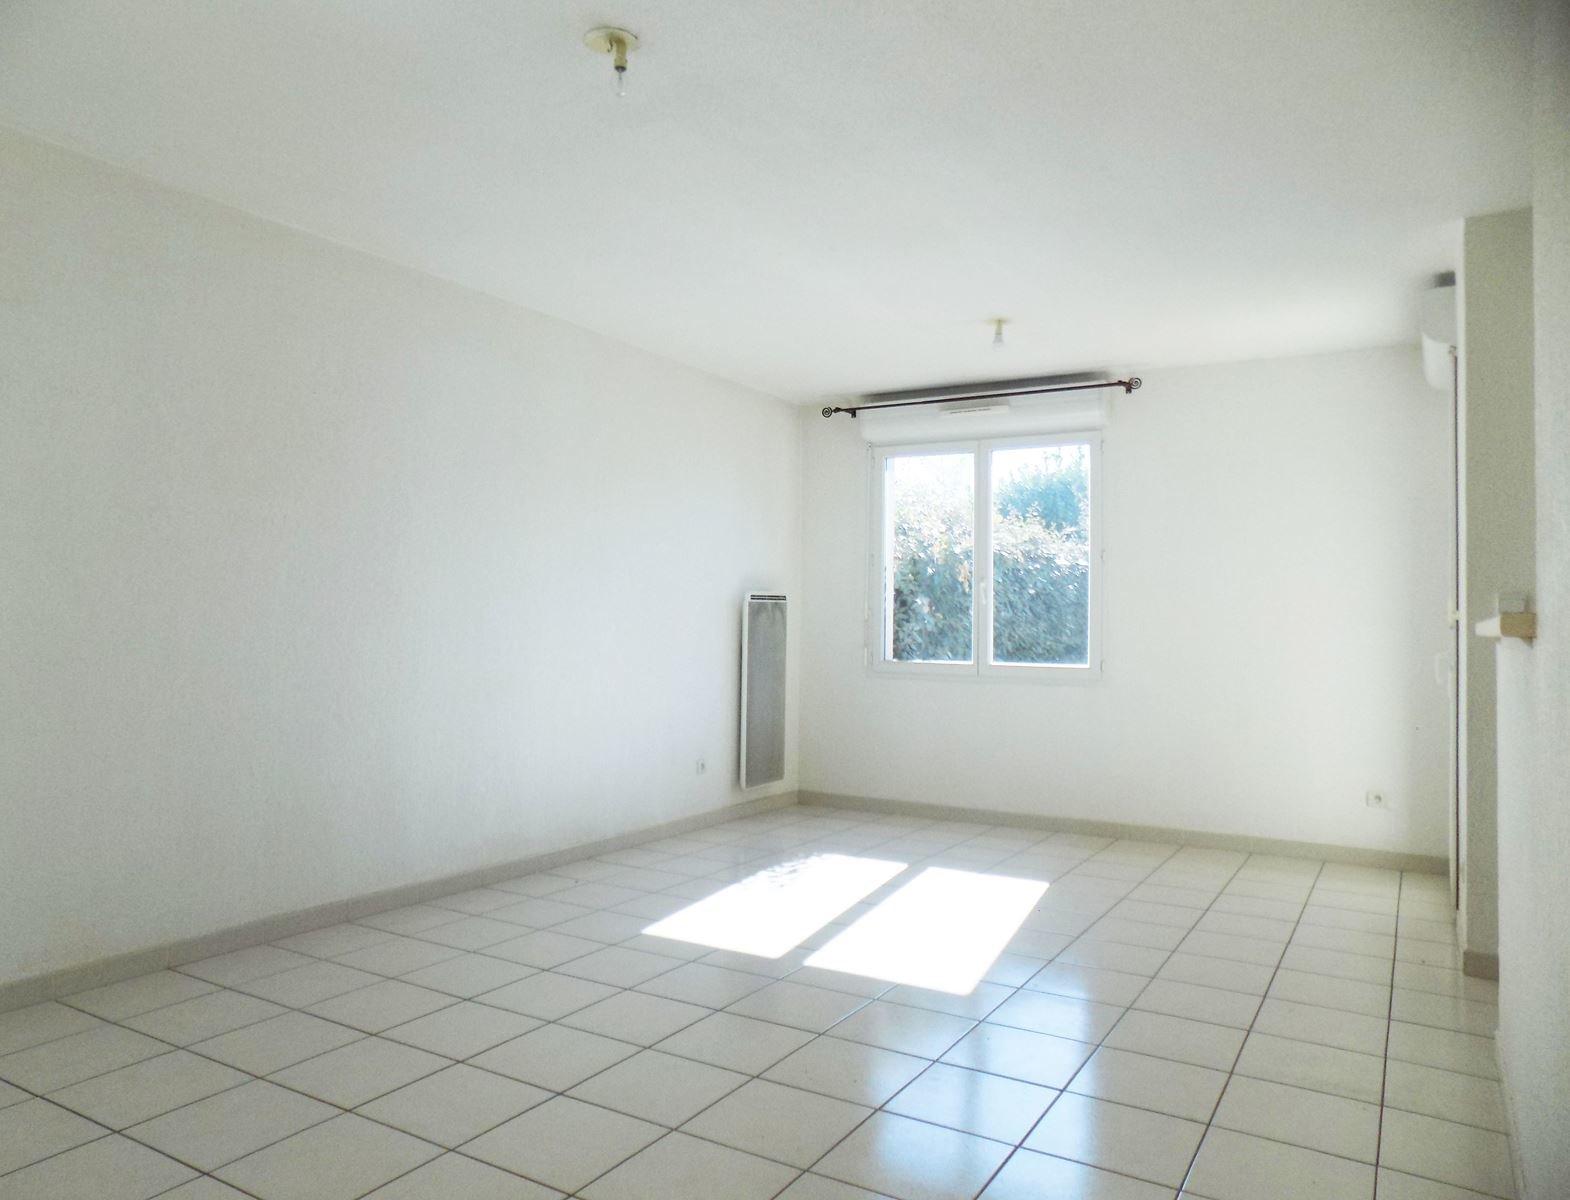 Appartement T2 avec jardin et garage - 31150 FENOUILLET